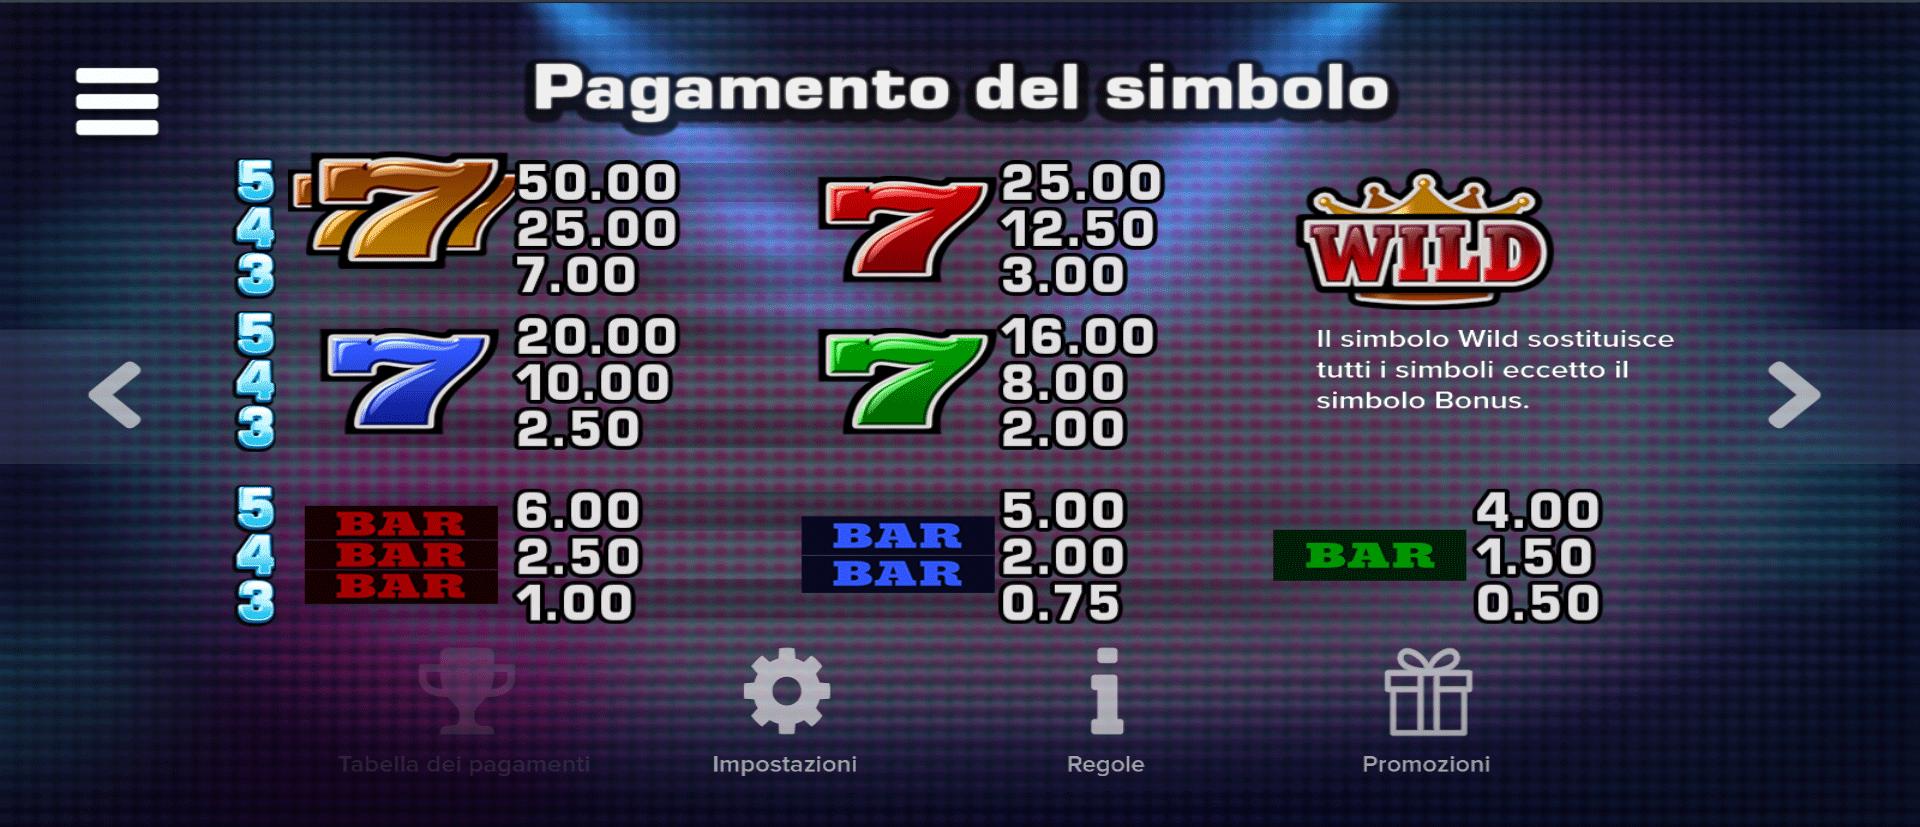 tabella dei pagamenti dei simboli della slot online hit it big